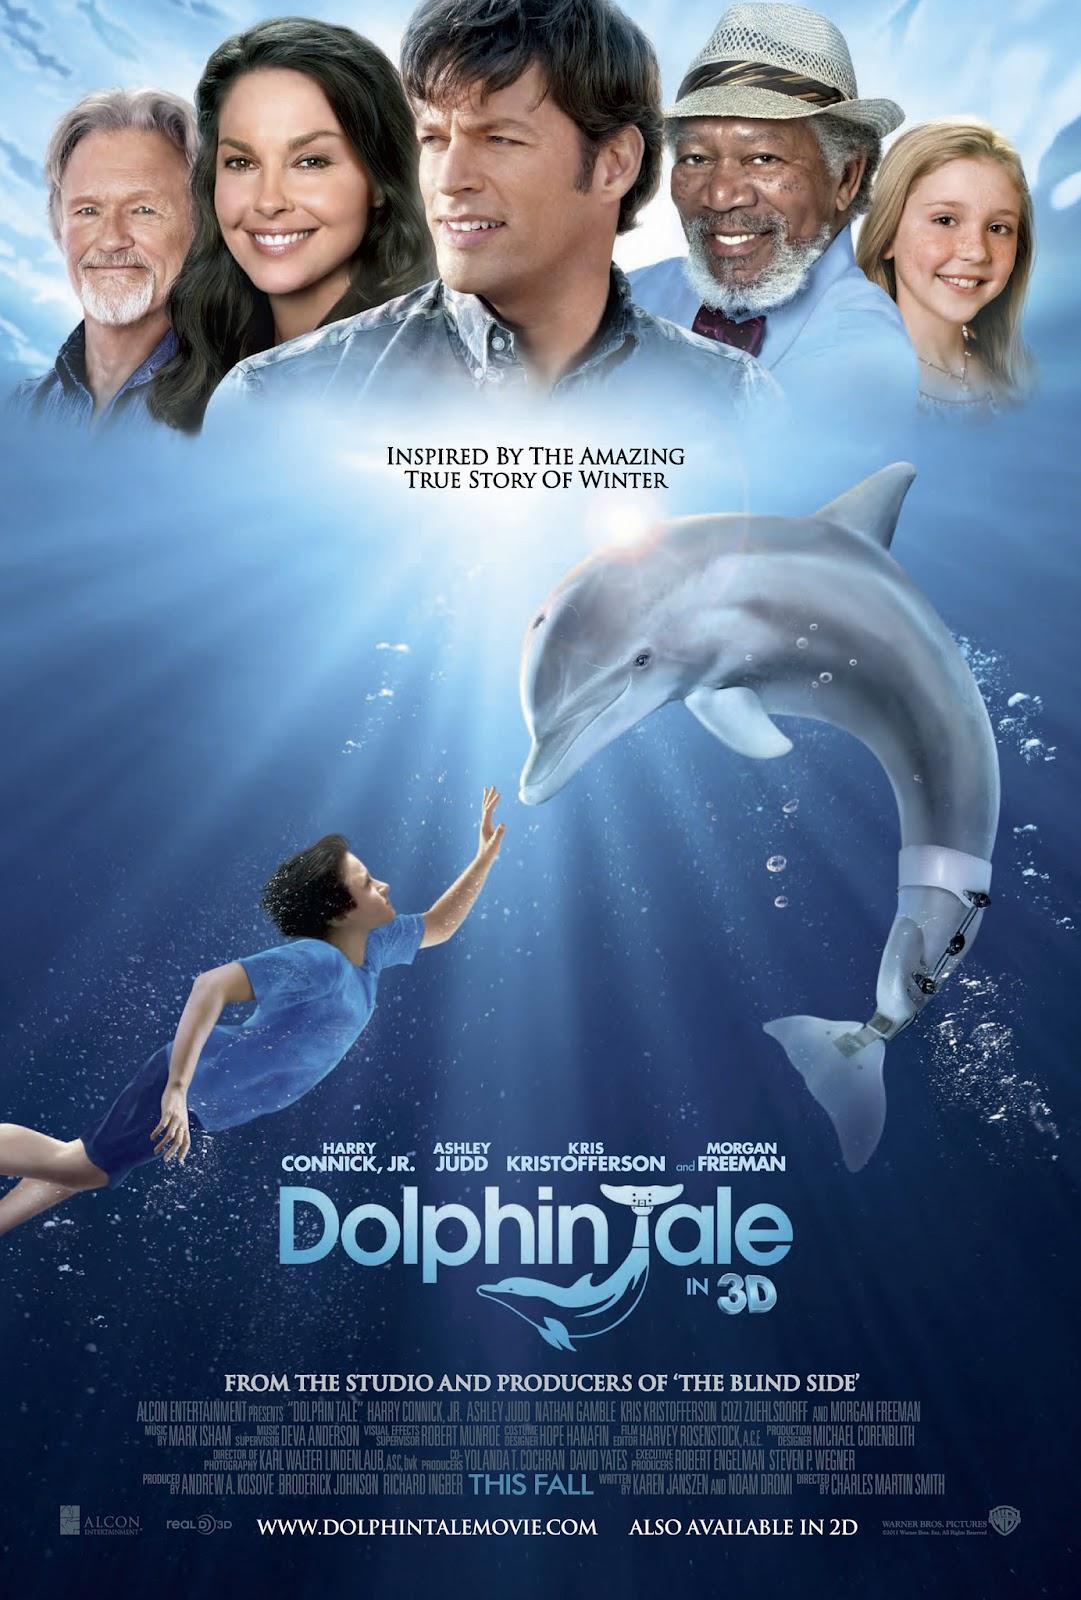 http://1.bp.blogspot.com/-VUFrn5VdnPM/T1Y4ex_wkkI/AAAAAAAAARc/0xXUpp98VJc/s1600/Dolphin-Tale-Poster.jpg